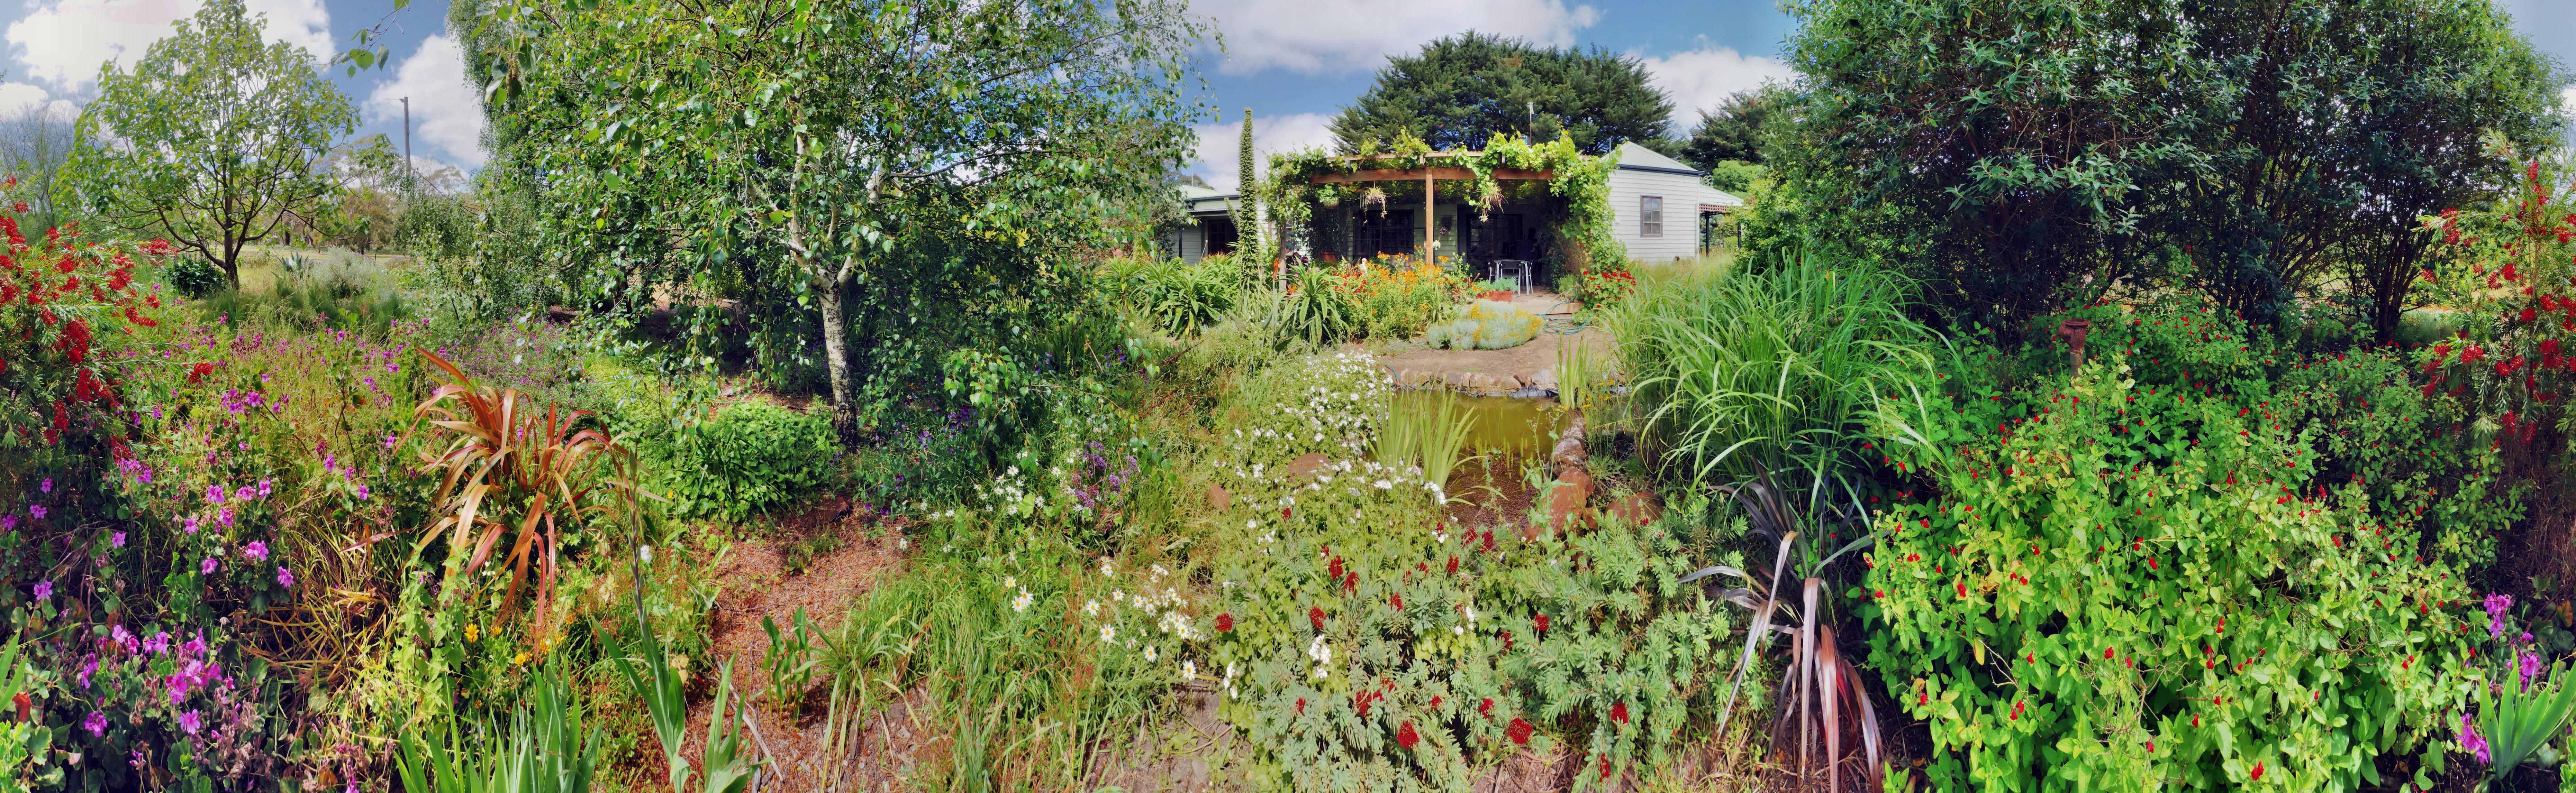 garden-centre-HDR2.jpeg